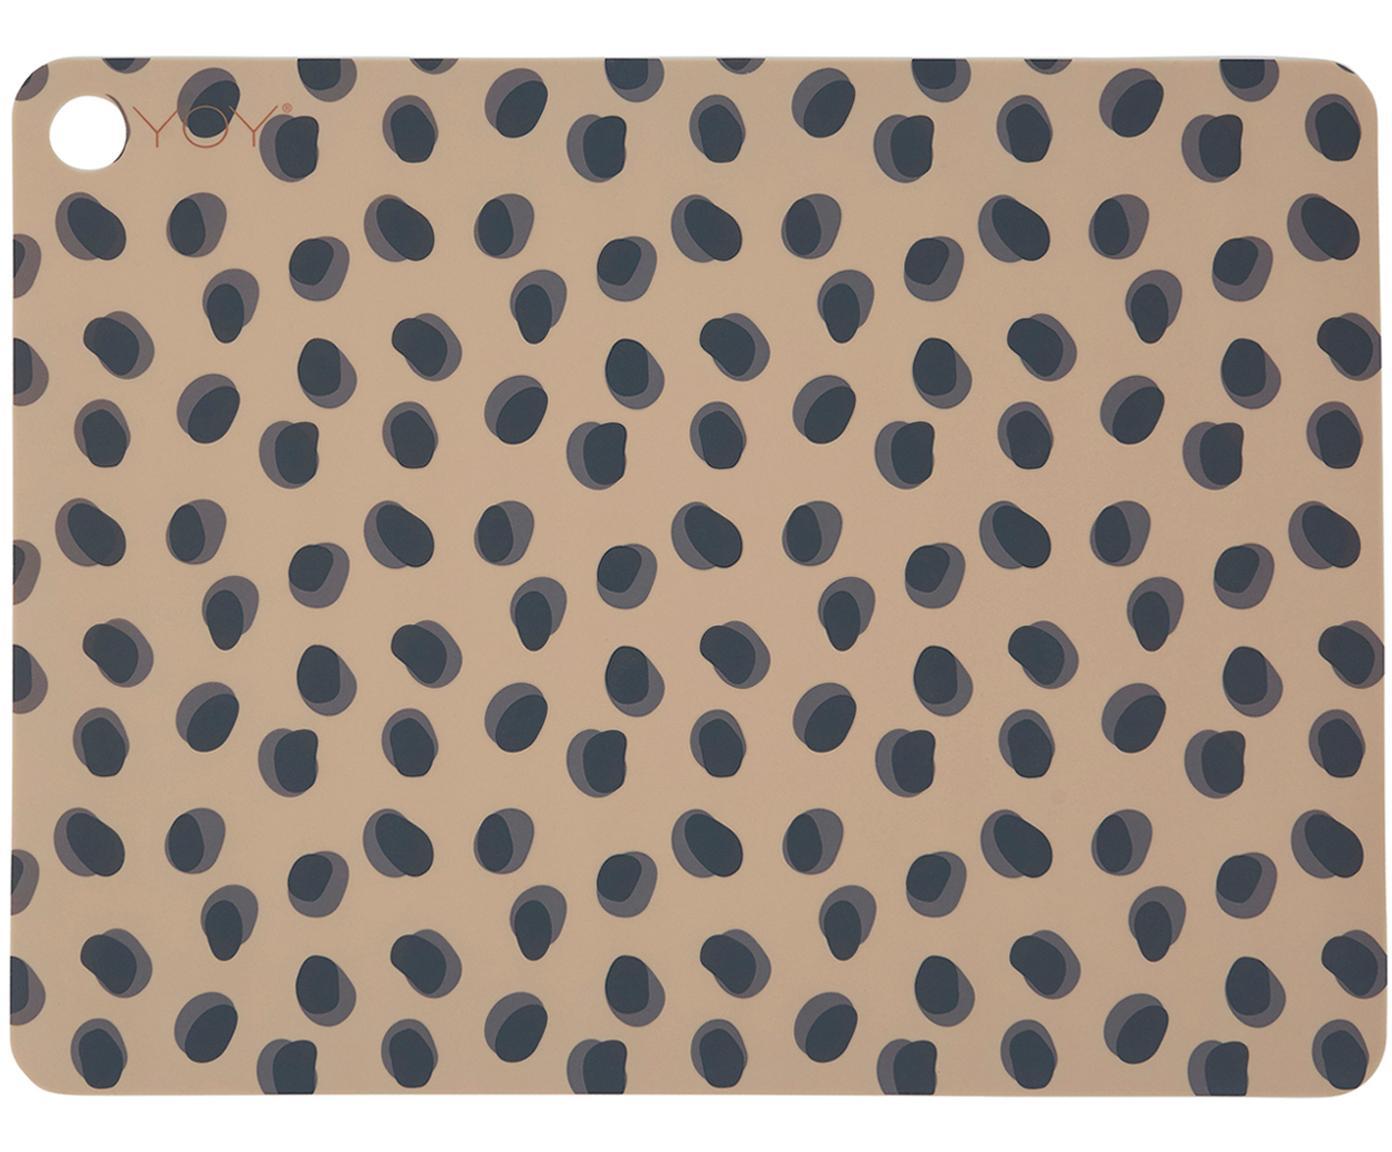 Podkładka z silikonu Leopard, 2 szt., Silikon, Karmelowy brązowy, czarny, S 34 x D 45 cm